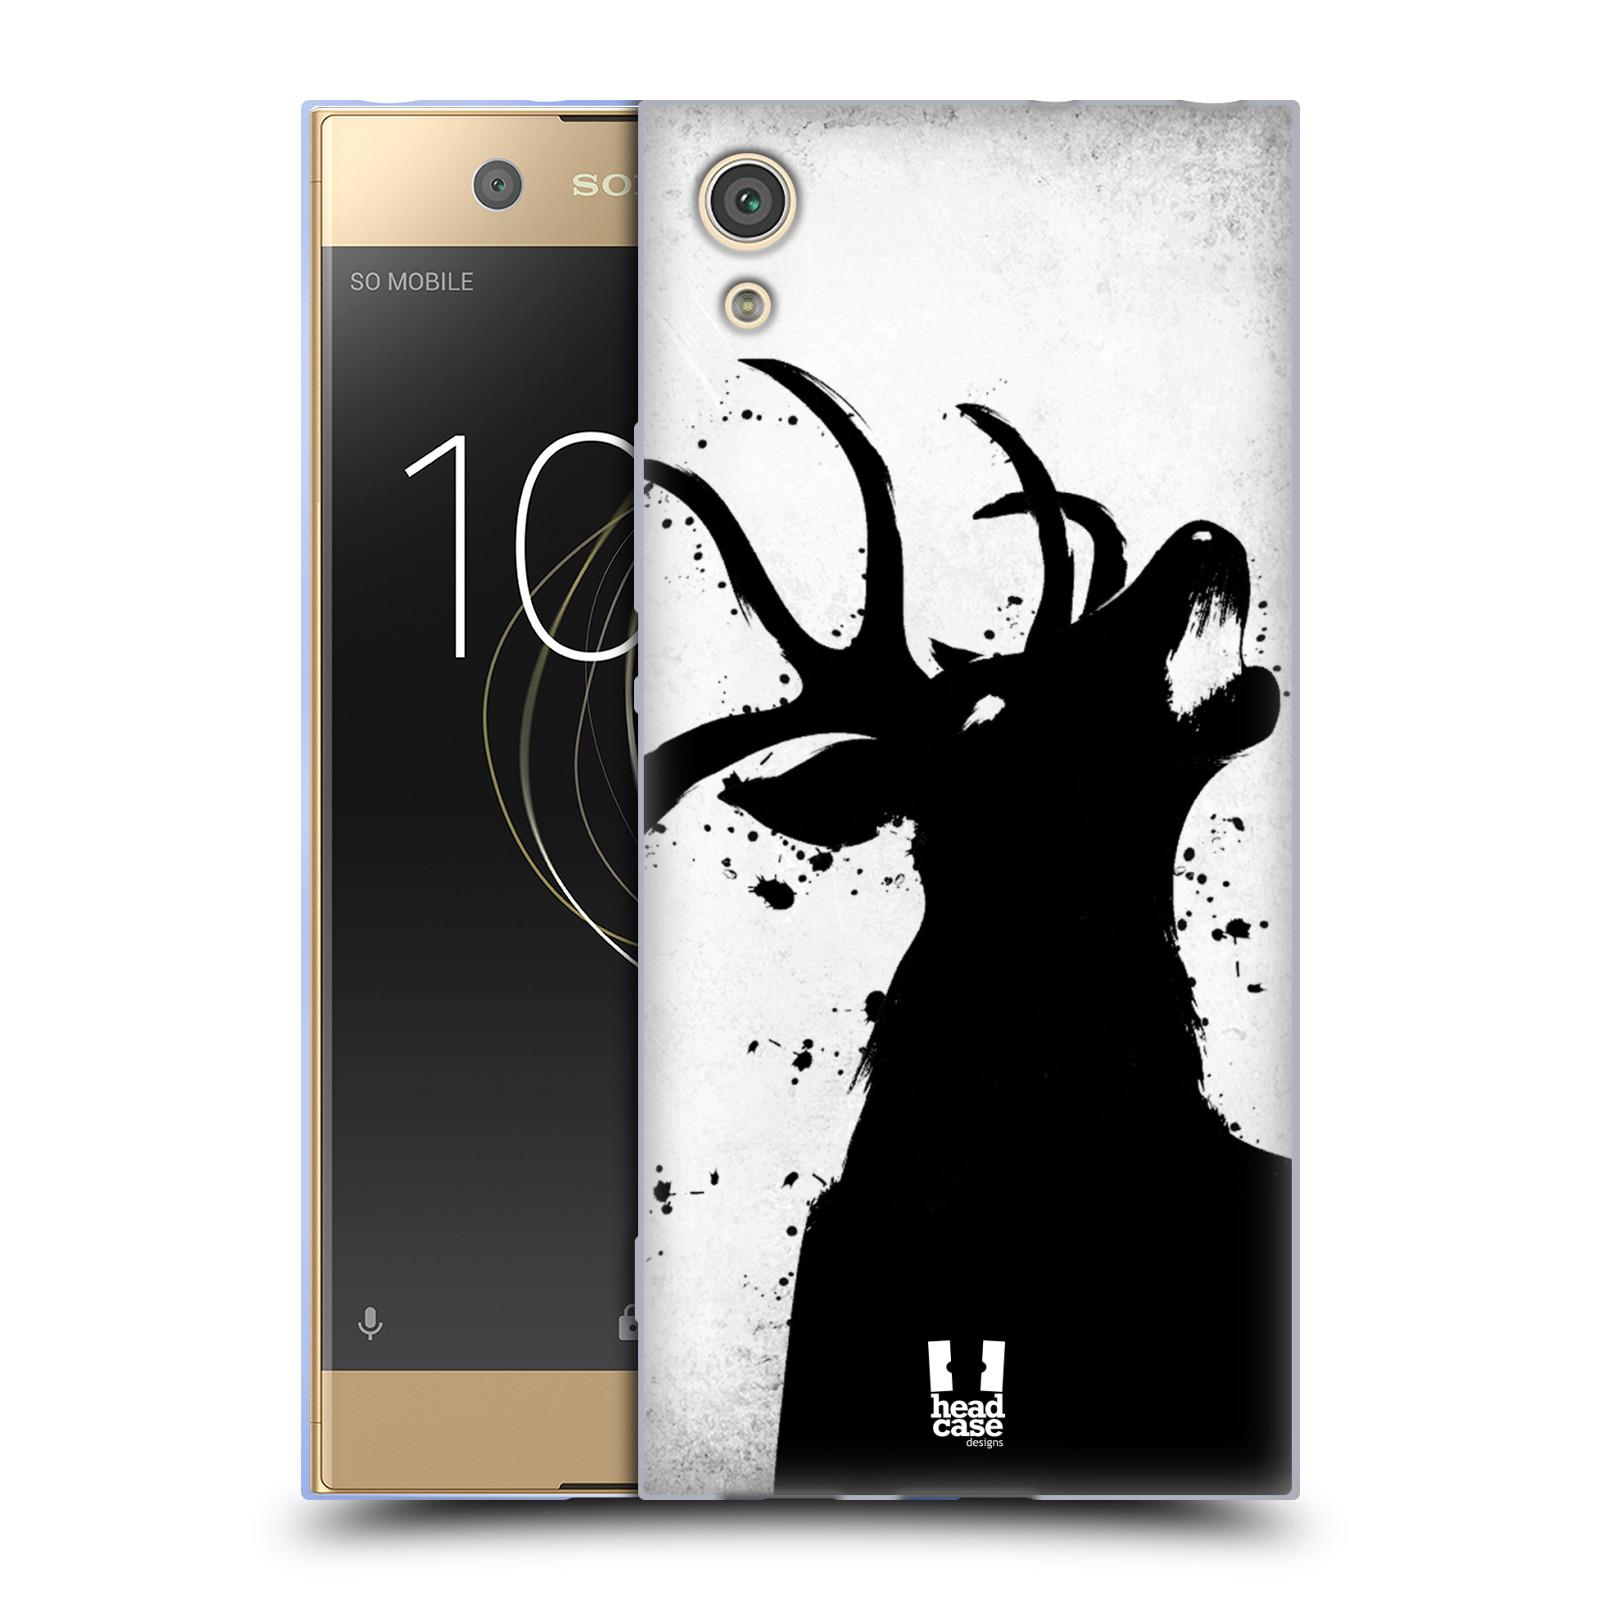 HEAD CASE silikonový obal na mobil Sony Xperia XA1 / XA1 DUAL SIM vzor Kresba tuš zvíře jelen